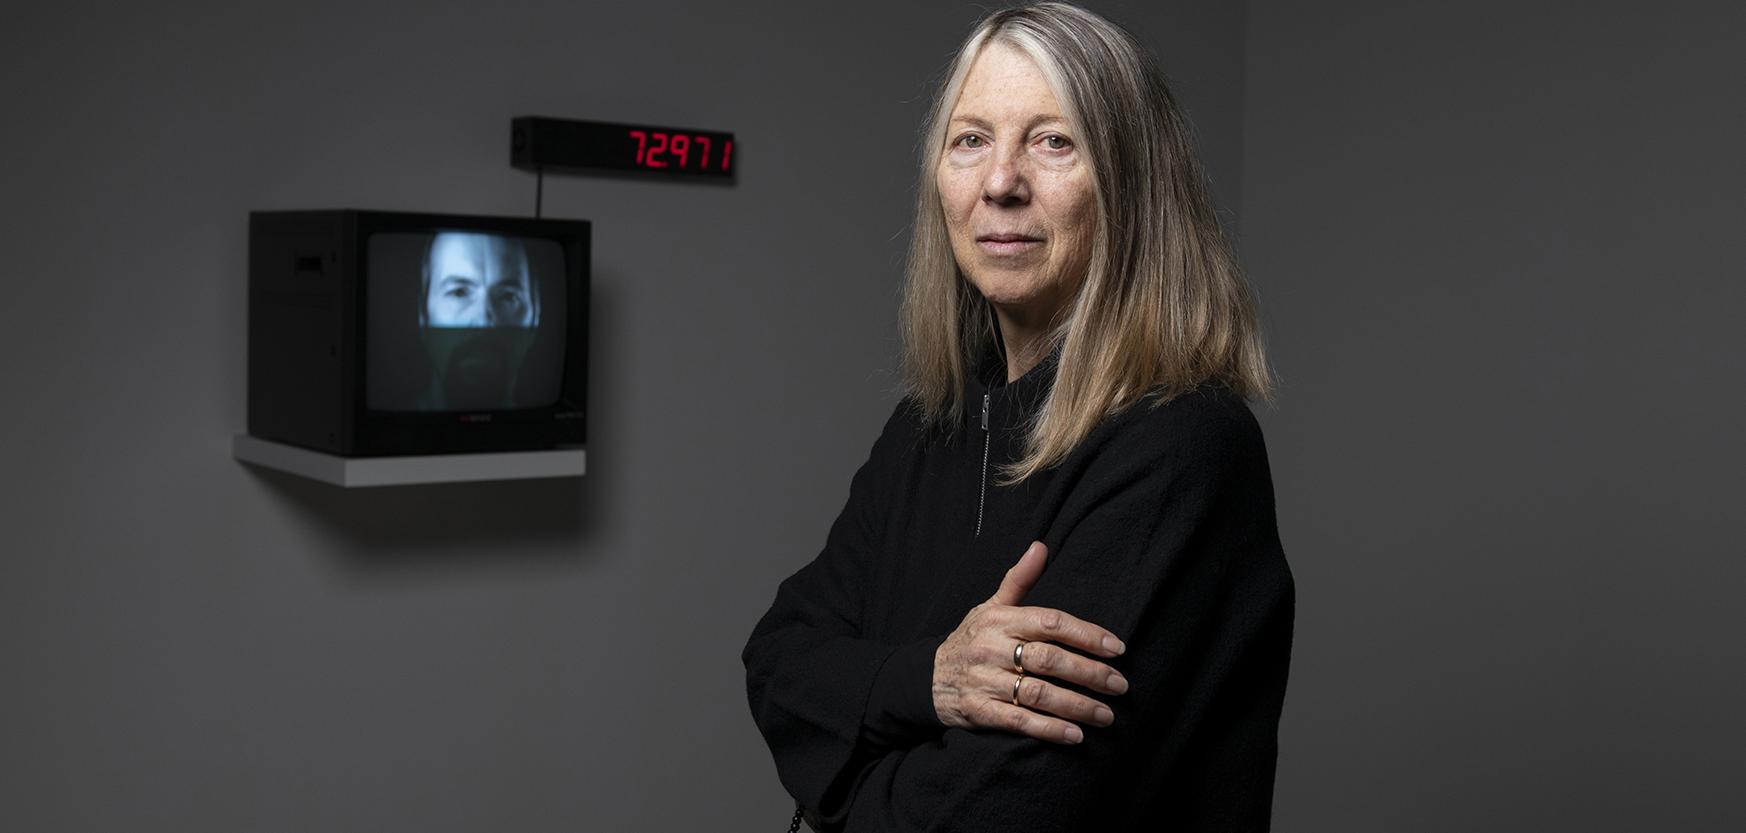 Kira Perov. Comisaria de la muestra y directora del Bill Viola Studio